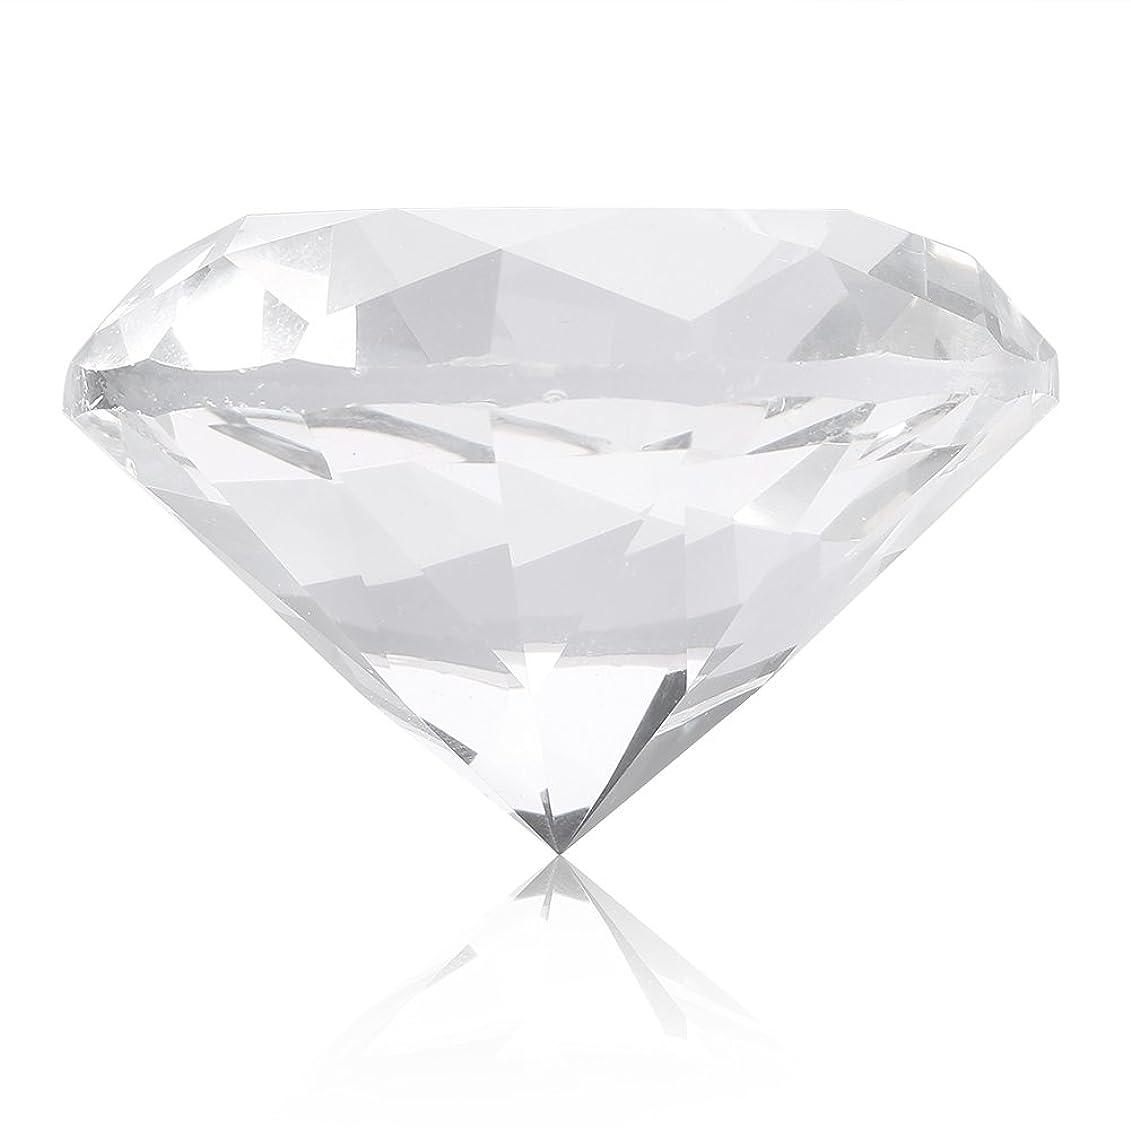 教えて寛大なエミュレートするネイルチップスタンド ネイルチップホルダー スタンドベース ネイルアートディスプレイガラスクリスタルダイヤモンドハンドモデルシュート (白)